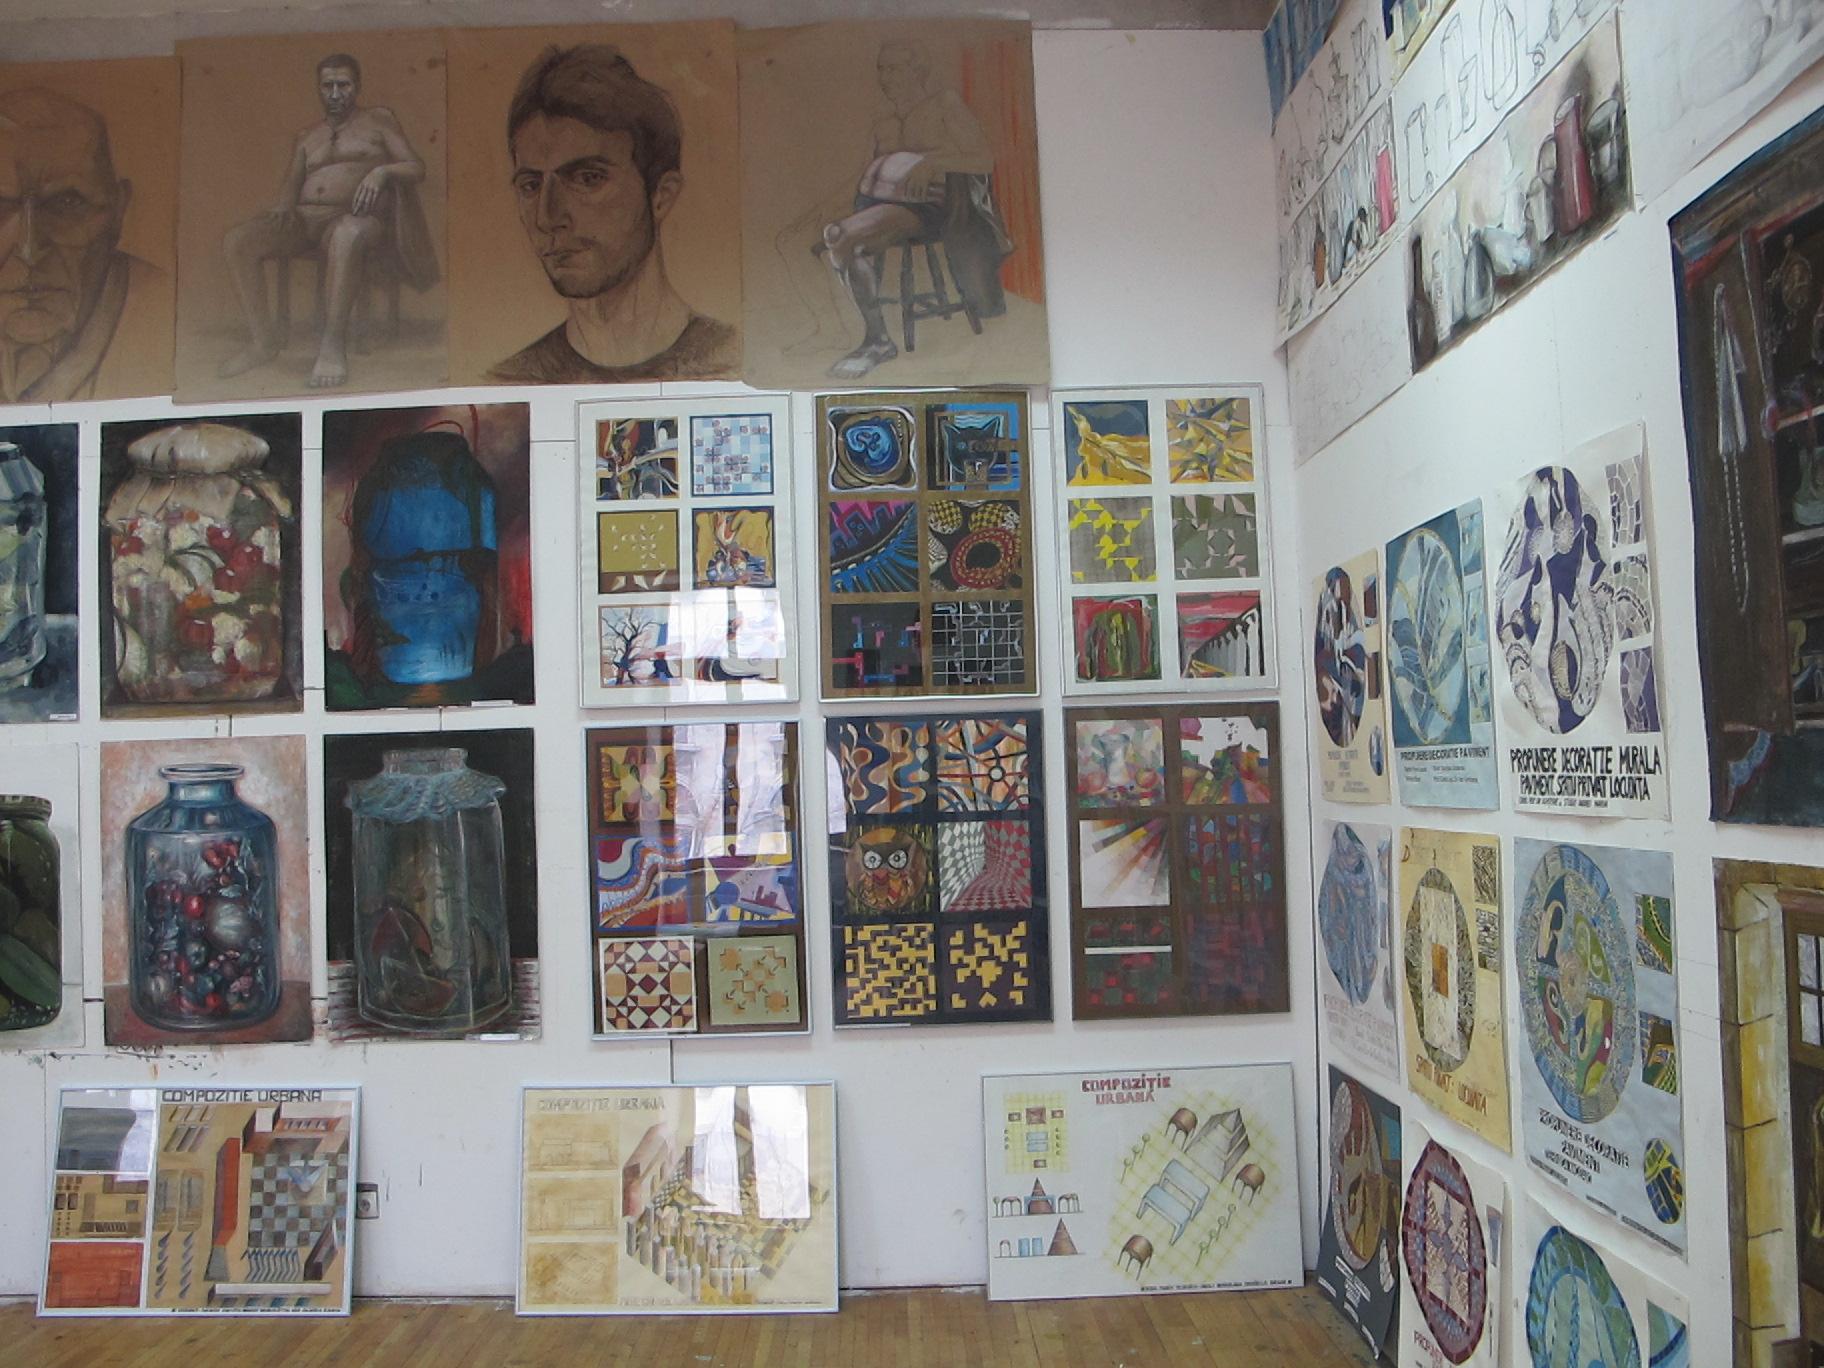 Lucrarile studentilor de la Arta murala, UNArte, februarie 2013